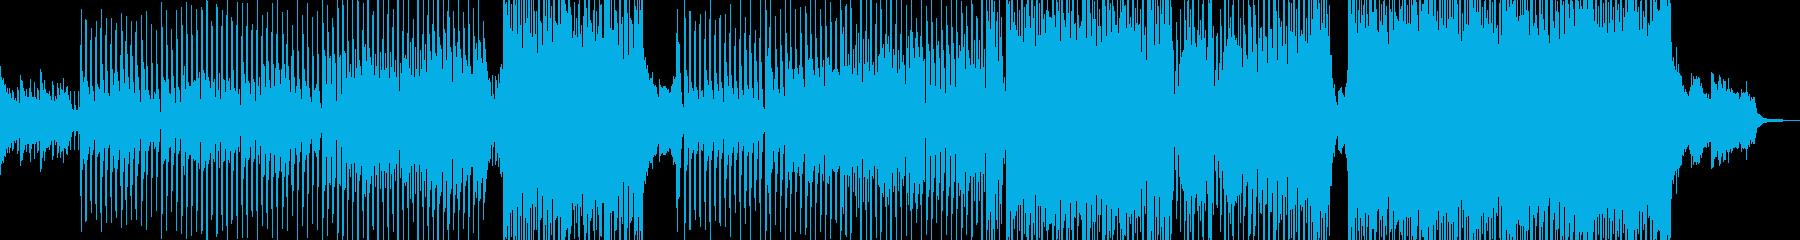 希望・涙を笑顔に テクノ・ピアノ有 Sの再生済みの波形